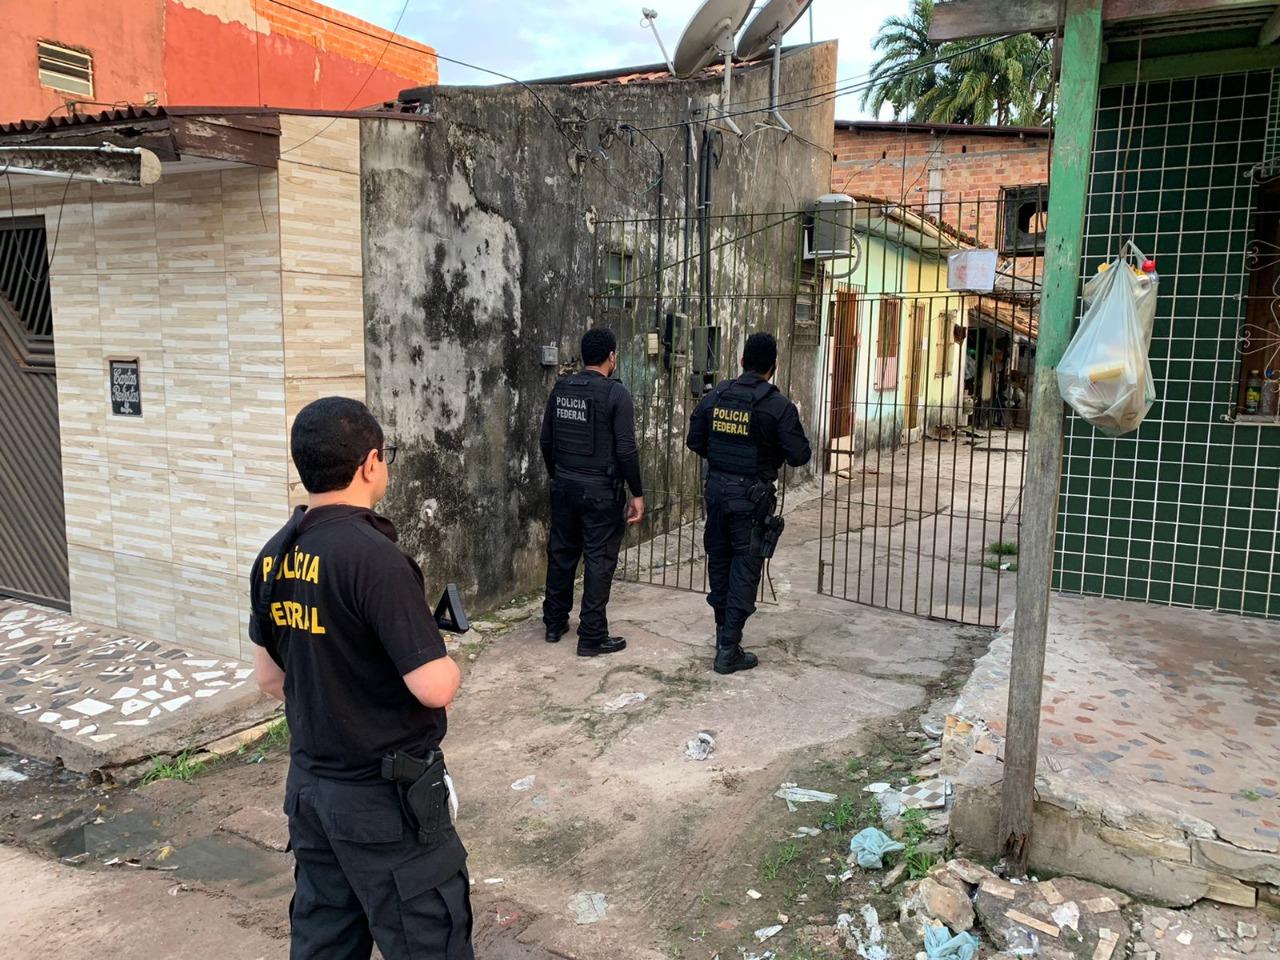 A Operação mobilizou 40 Policiais Federais para o cumprimento de nove mandados de busca e apreensão - Foto: Divulgação/Polícia Federal